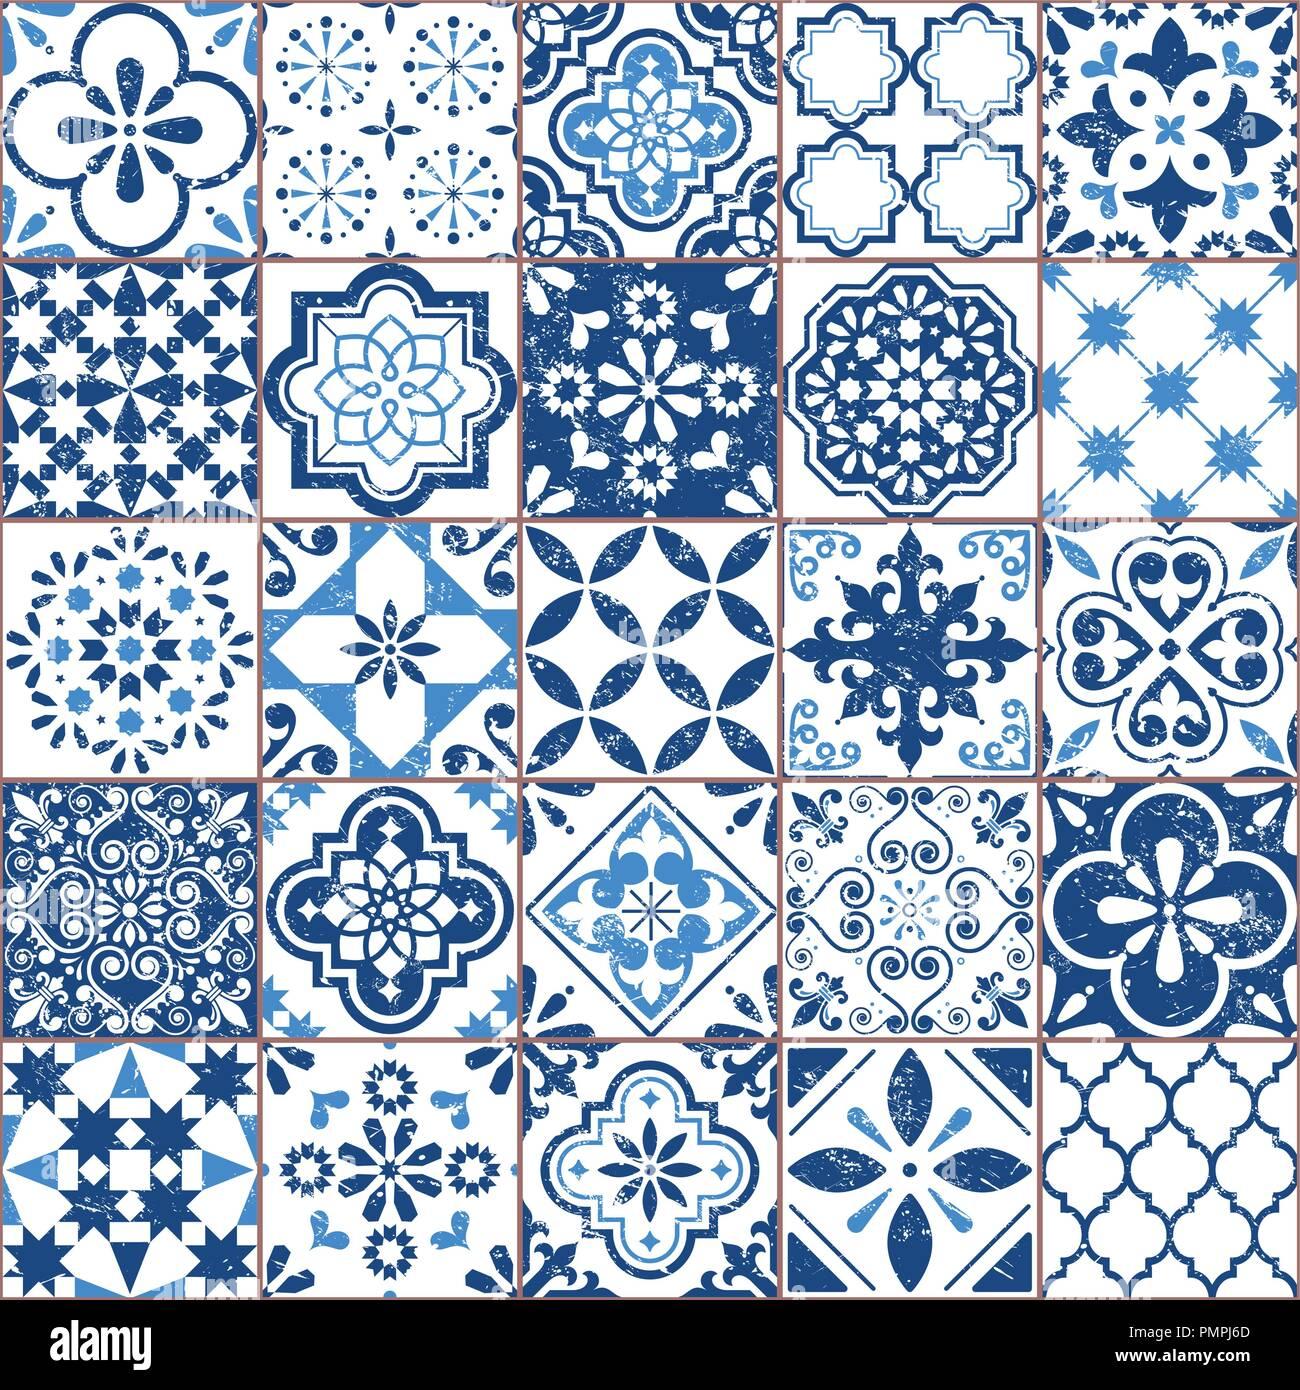 Vector Azulejo Tile Pattern Portuguese Or Spanish Retro Old Tiles